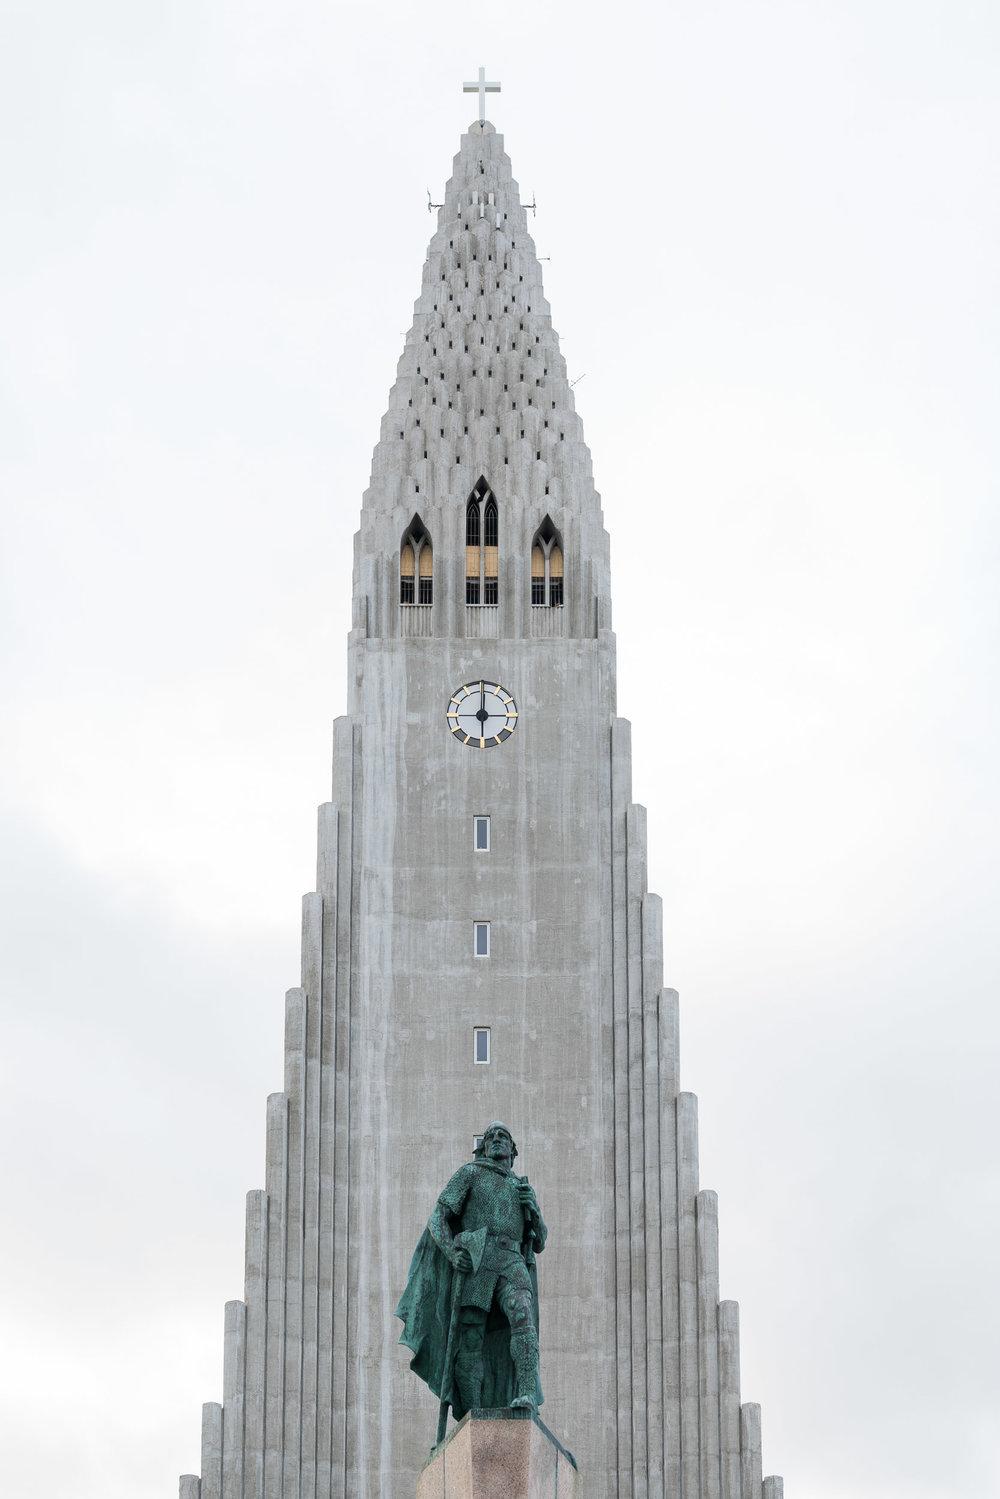 iceland_reykjavik-6.jpg